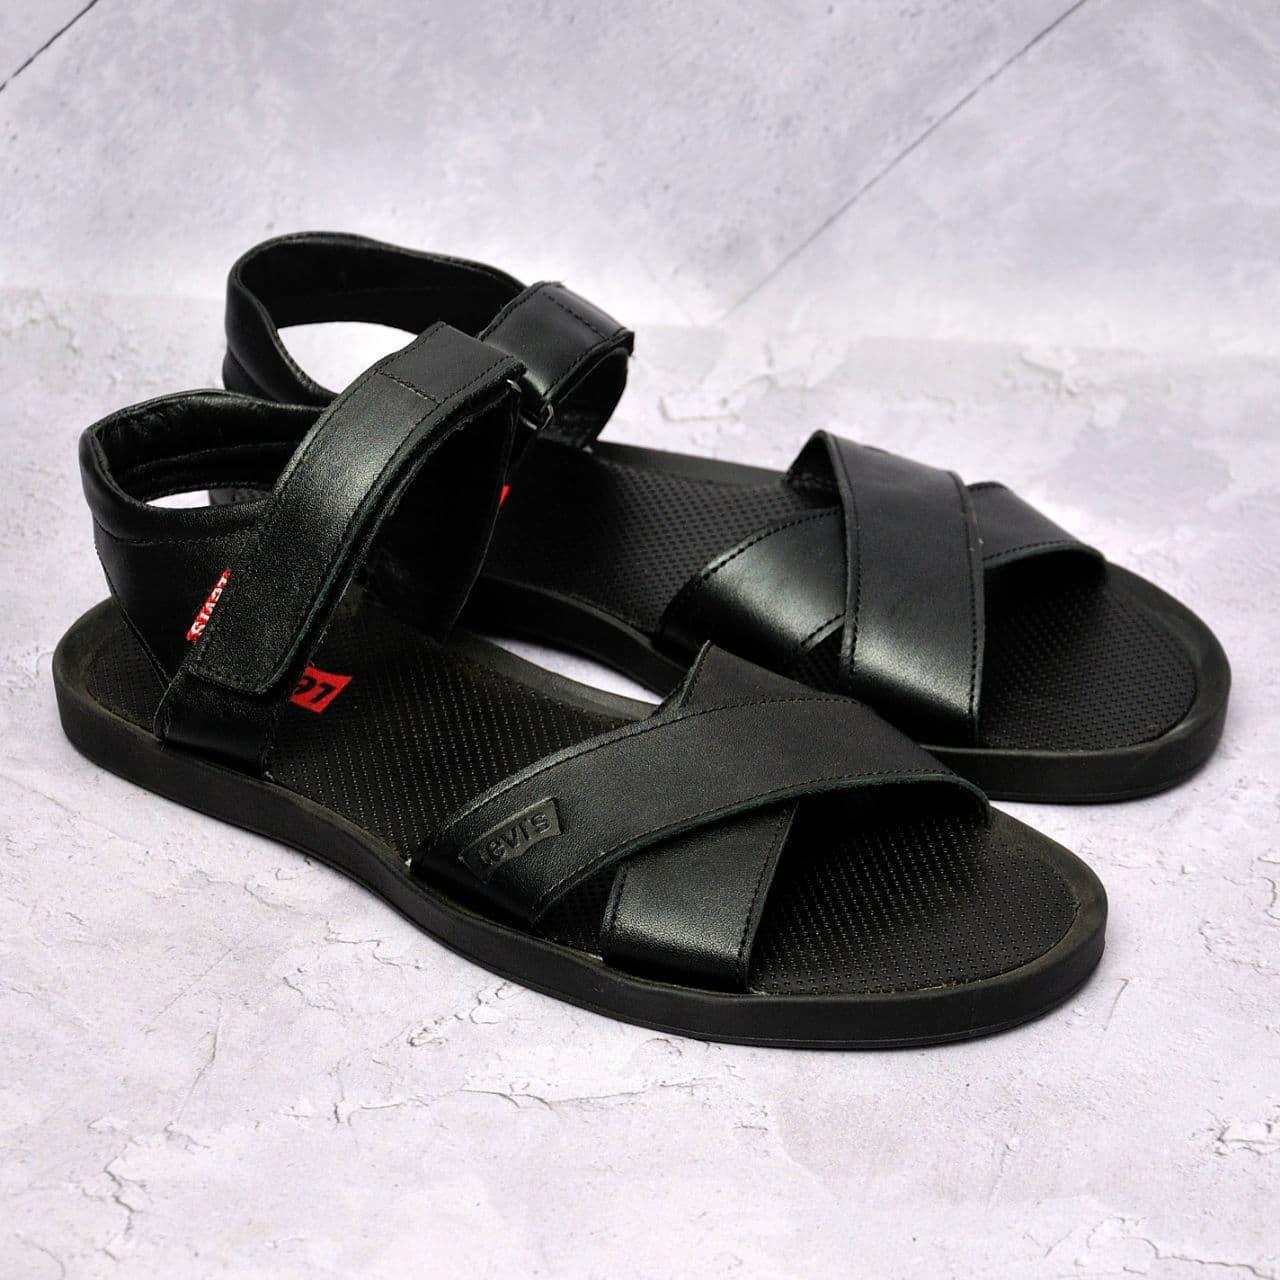 Чоловічі шкіряні сандалі Levis,чорні